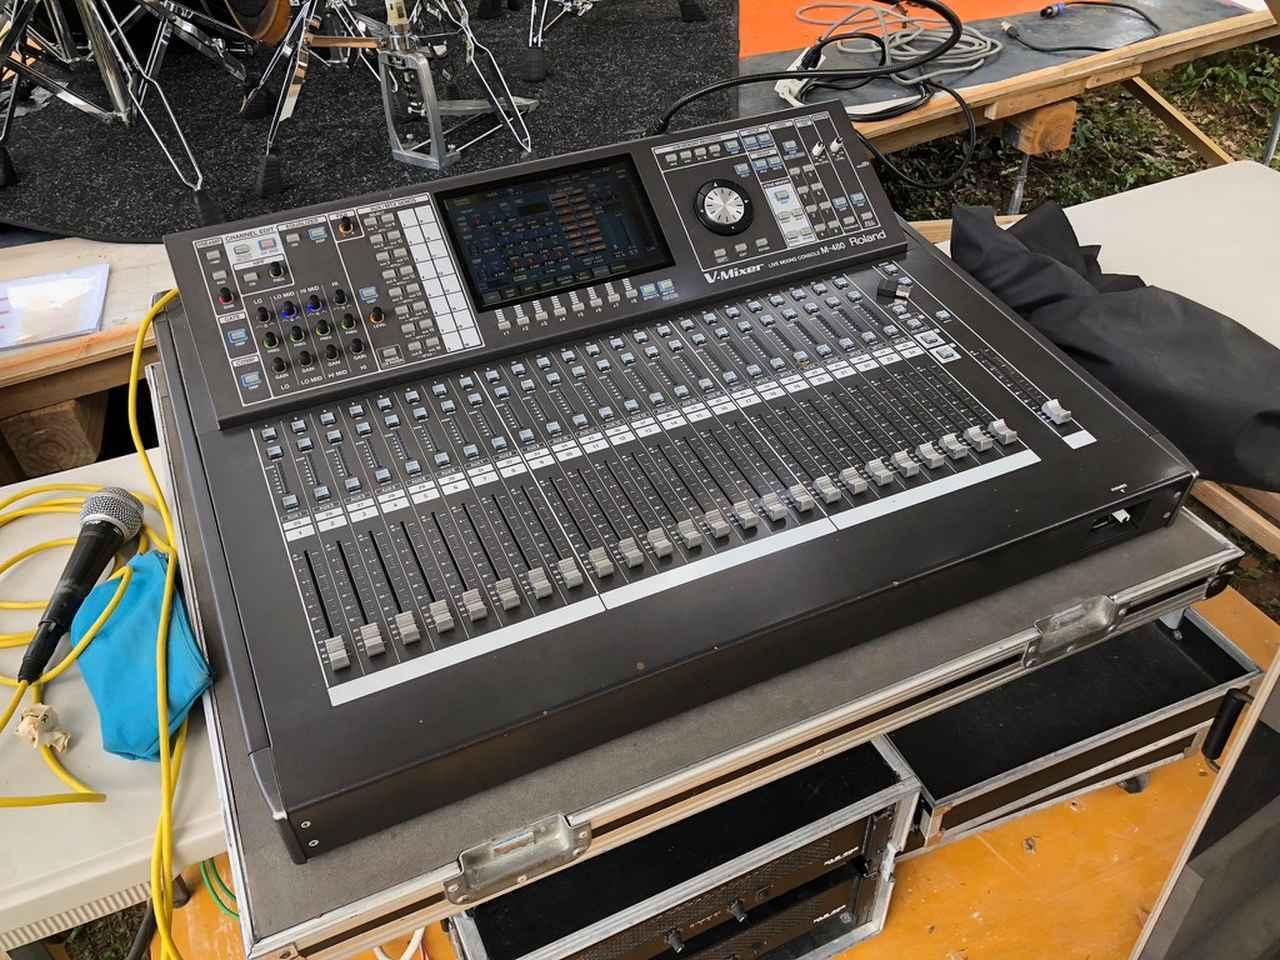 画像: 『グッドネイバーズ・ジャンボリー』の別のエリアで使用された「ローランド V-Mixer M-480」